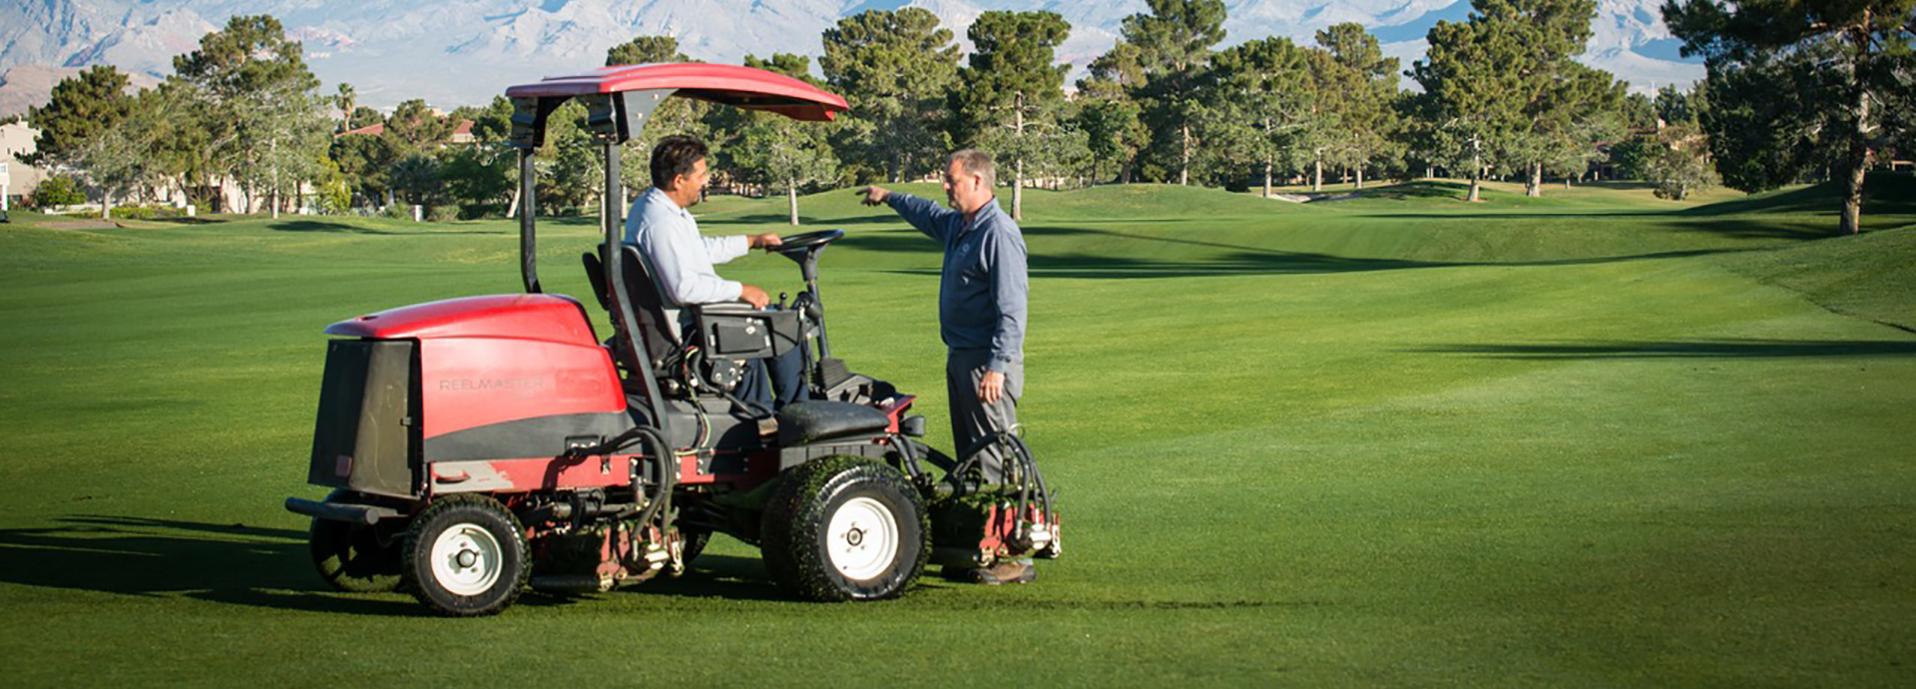 Golf Course Management Las Vegas | Golf Facility Management